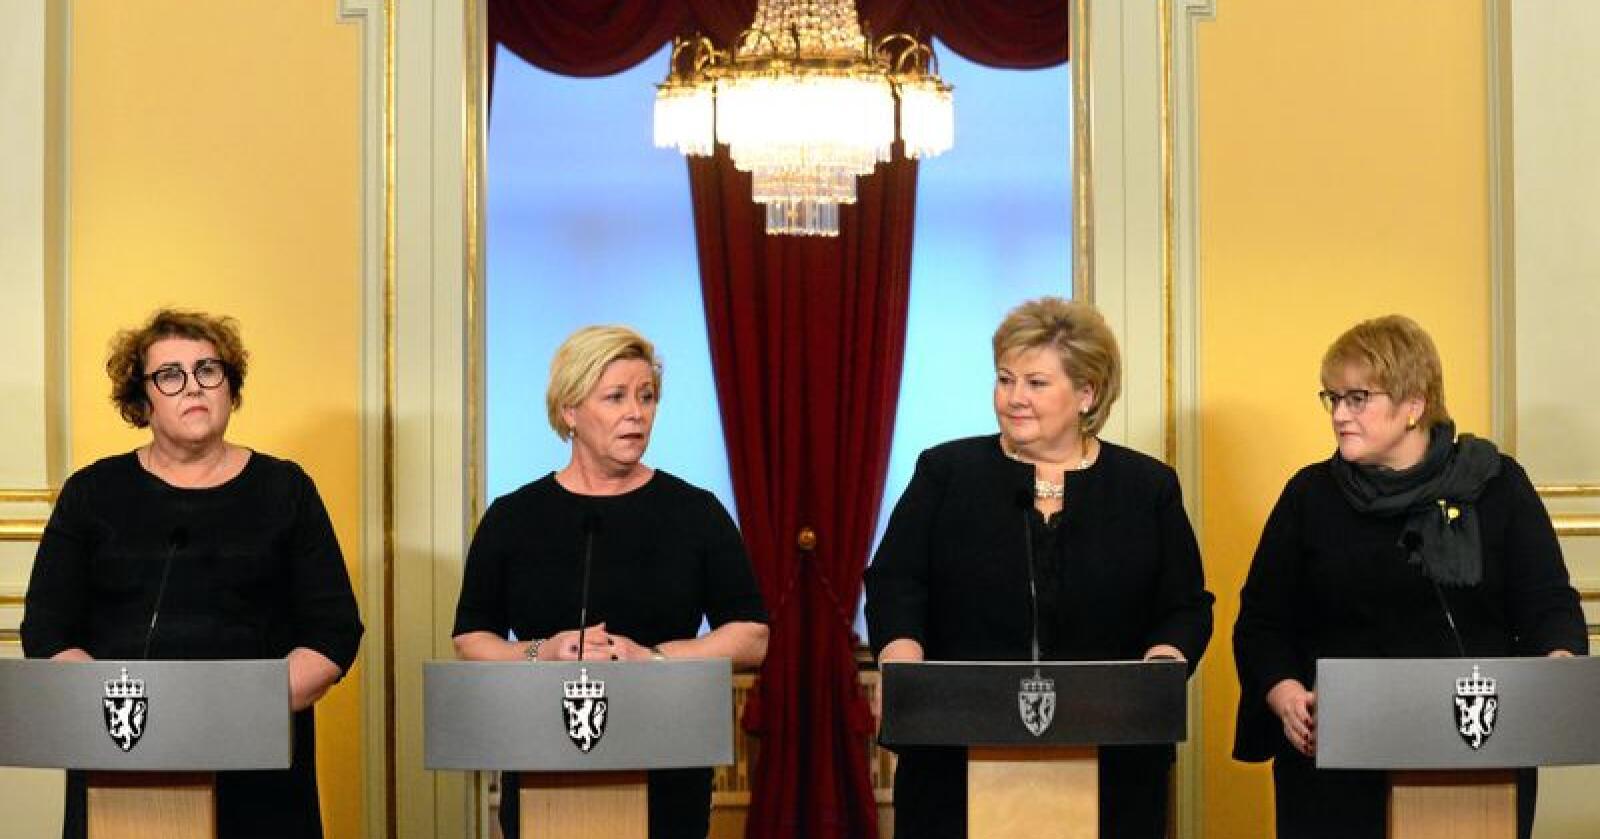 Olaug Bollestad (Krf), Siv Jensen (Frp). Erna Solberg (H) og Trine Skei Grande (V). Foto: Siri Juell Rasmussen